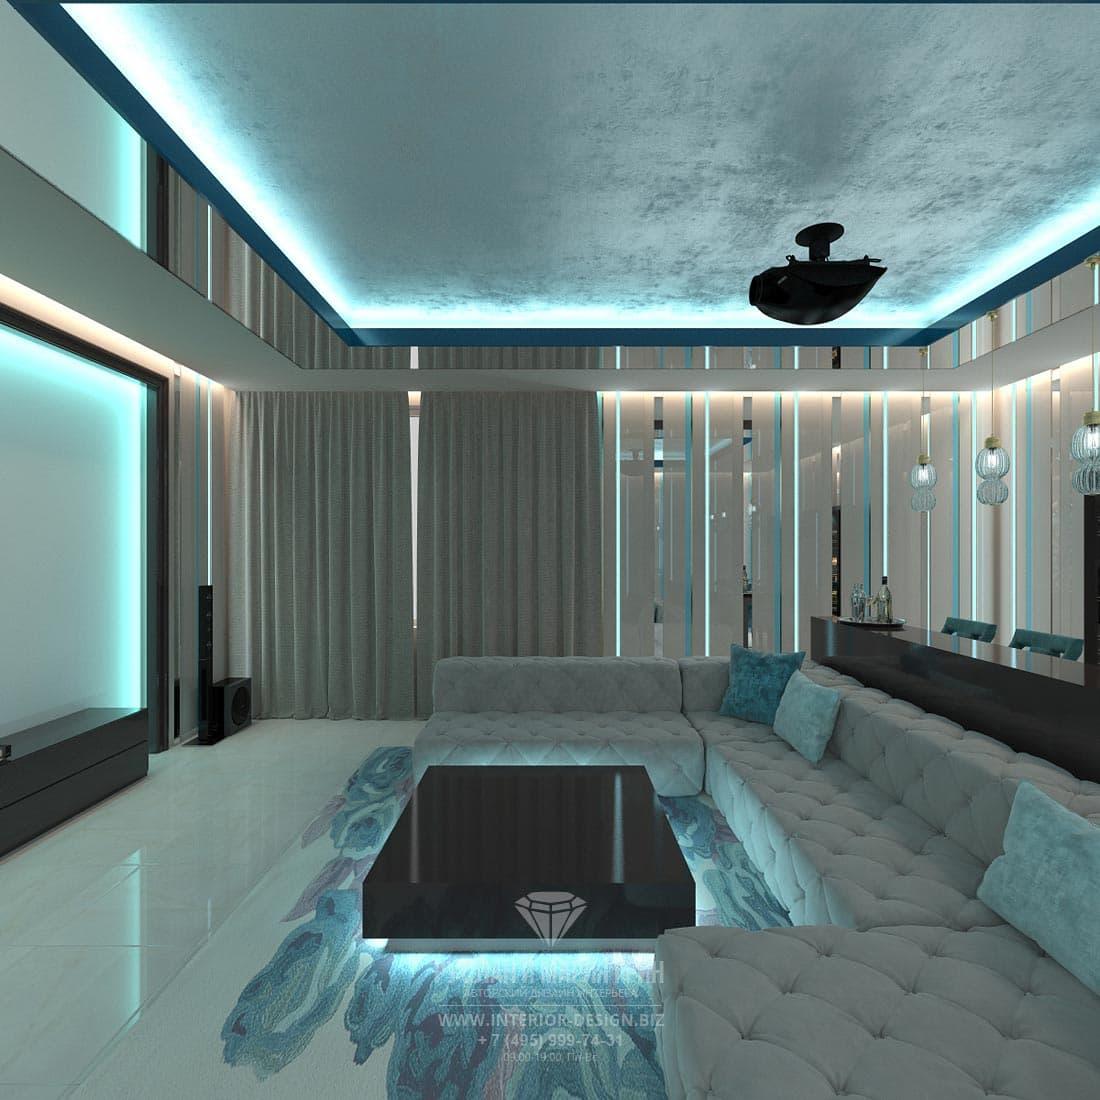 2018 Interior Decorator Cost Calculator: Дизайн домашнего кинотеатра в загородном доме. Фото